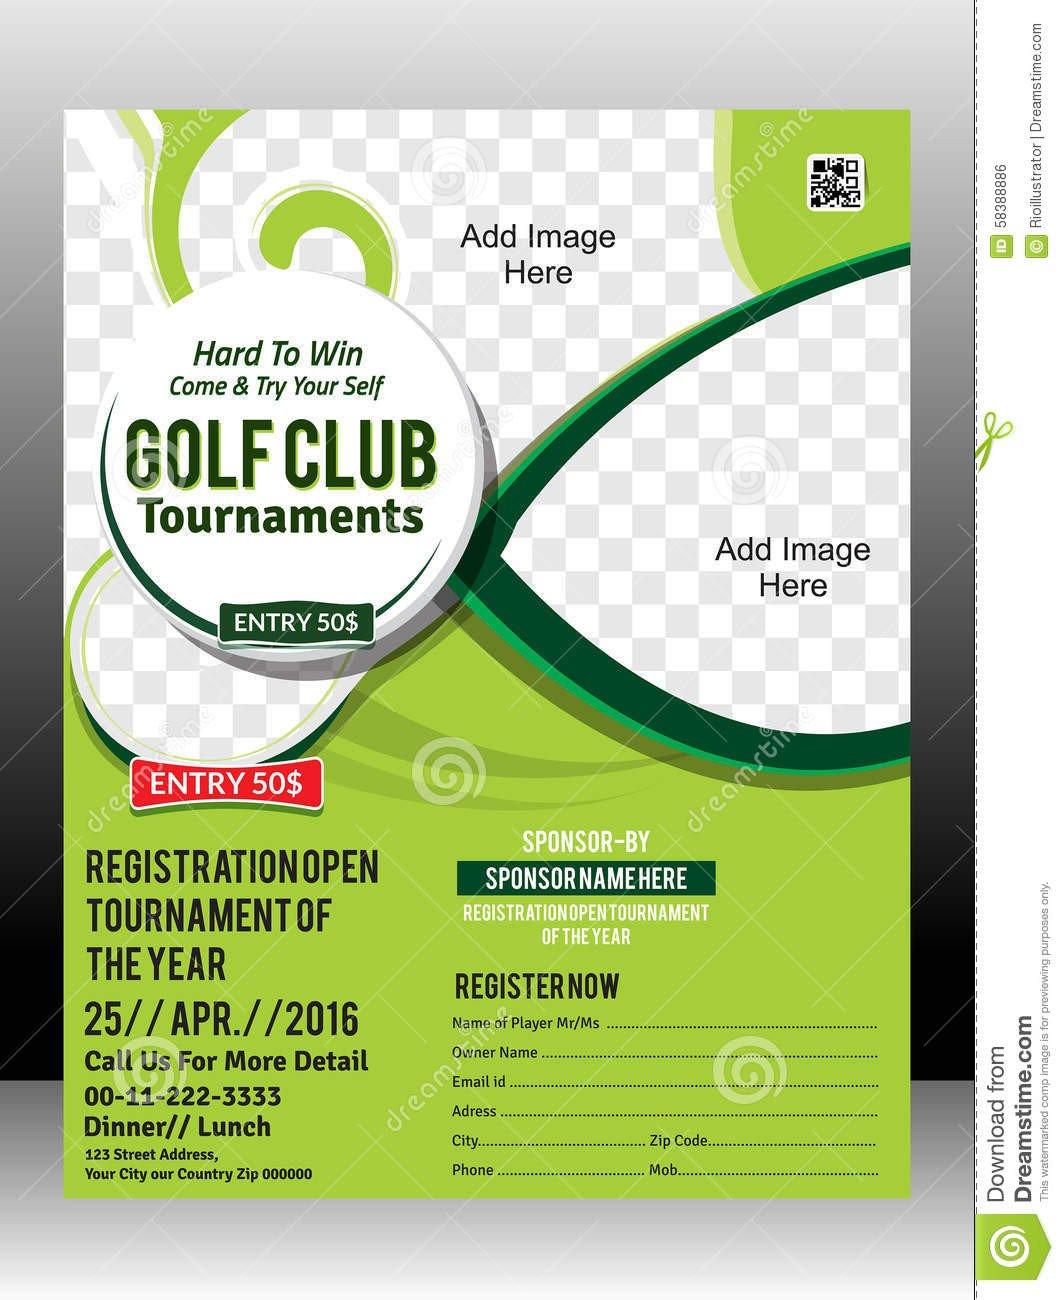 Golf tournament Flyers Template Free Golf tournament Flyer Template